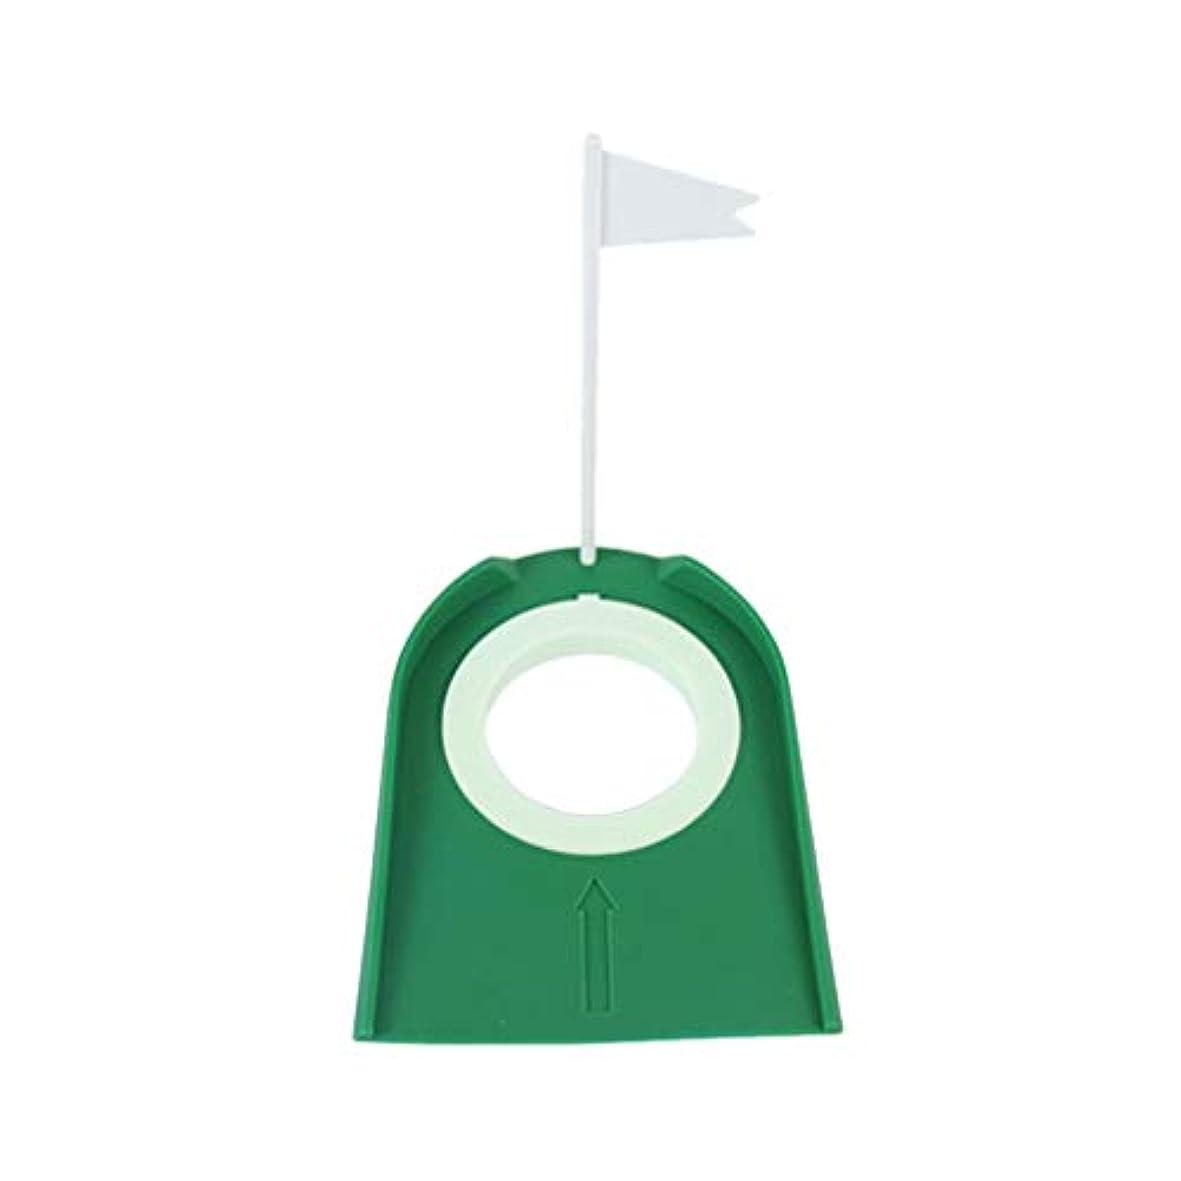 発生ネーピア眠りGarneck ゴルフパッティンググリーンフラッグホールカップゴルフパター練習補助具庭用屋外屋内ゴルフトレーニング補助具(グリーン)